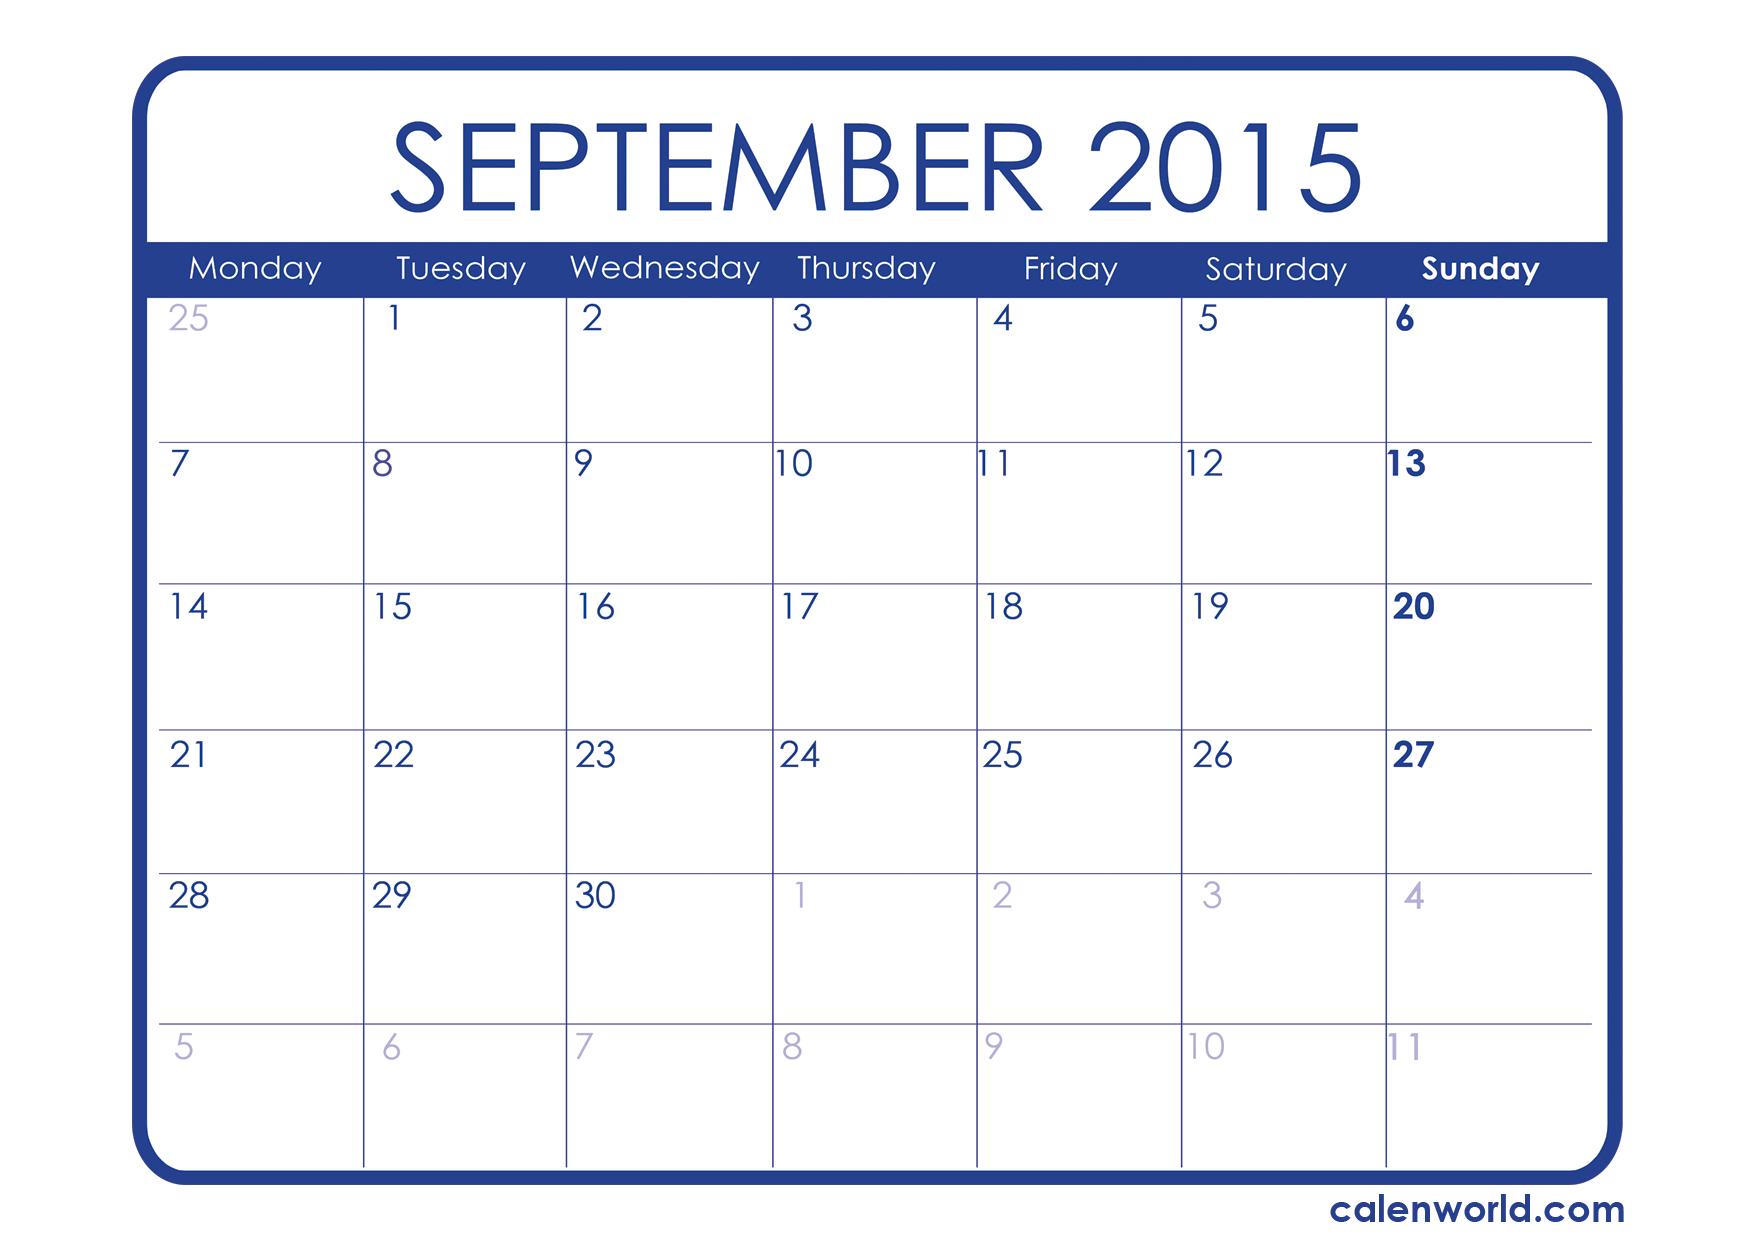 Blank Calendar Template September 2015 – September printable calendars